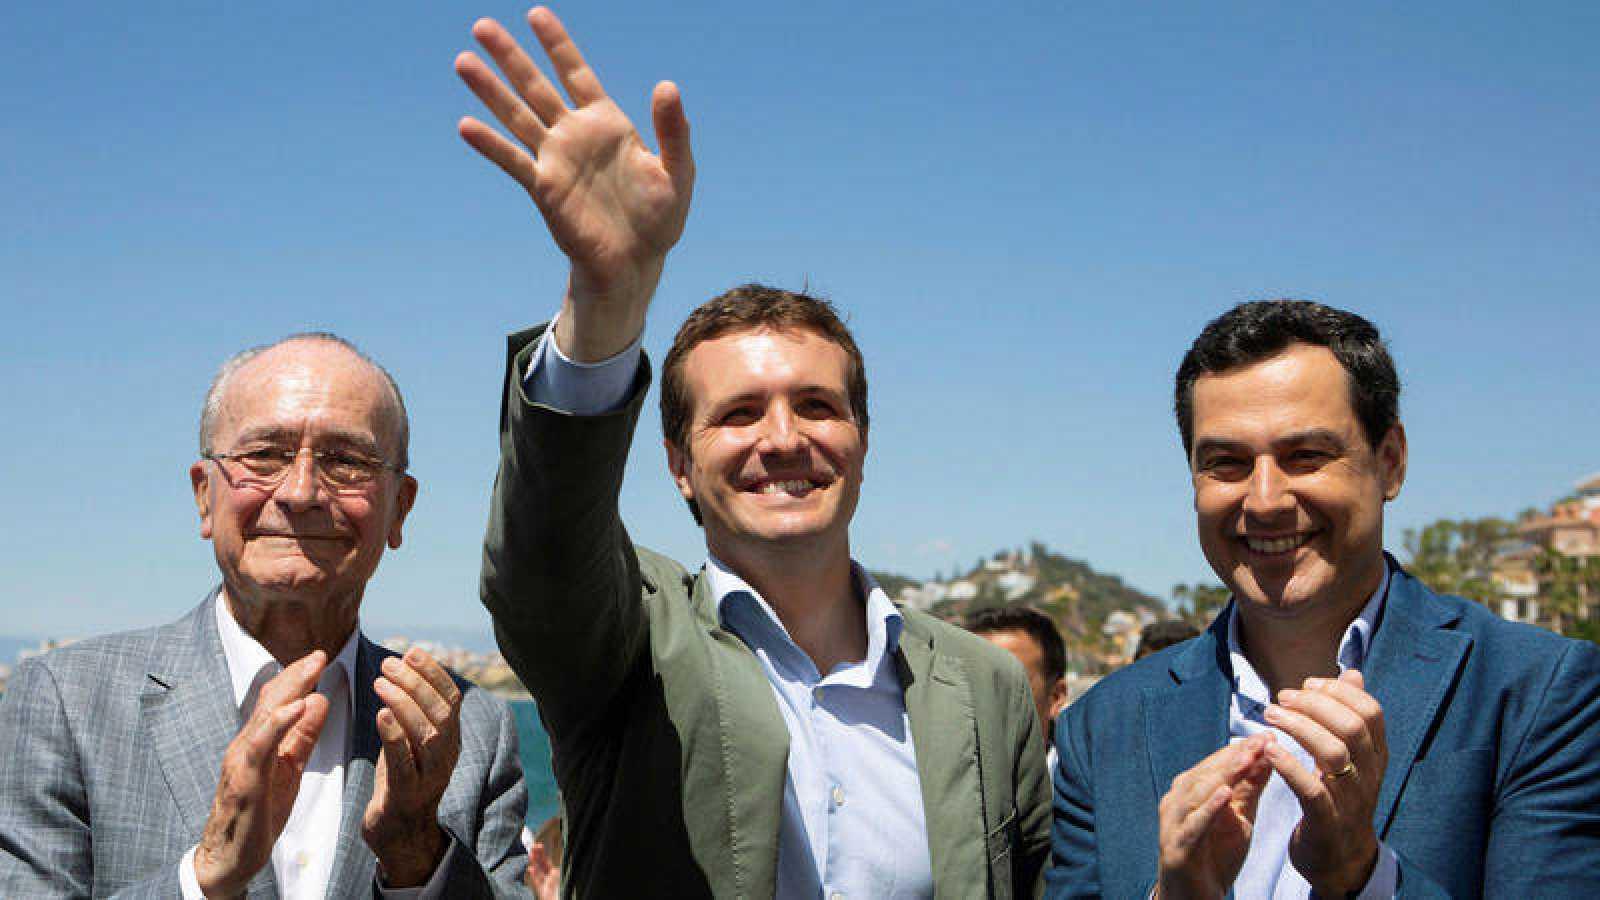 El alcalde de Málaga, Francisco de la Torre, el presidente nacional del PP, Pablo Casado, y el presidente de la Junta de Andalucía, Juanma Moreno, durante un mitin en Málaga.